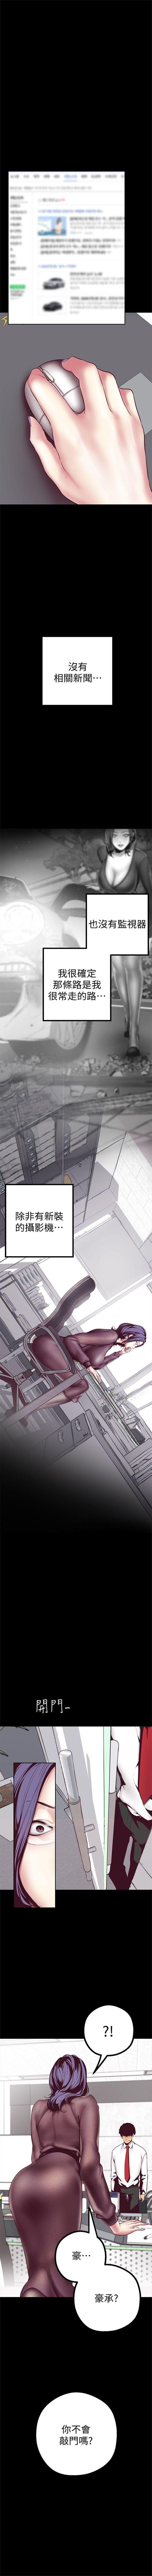 (週1)美麗新世界 1-76 中文翻譯 (更新中) 81